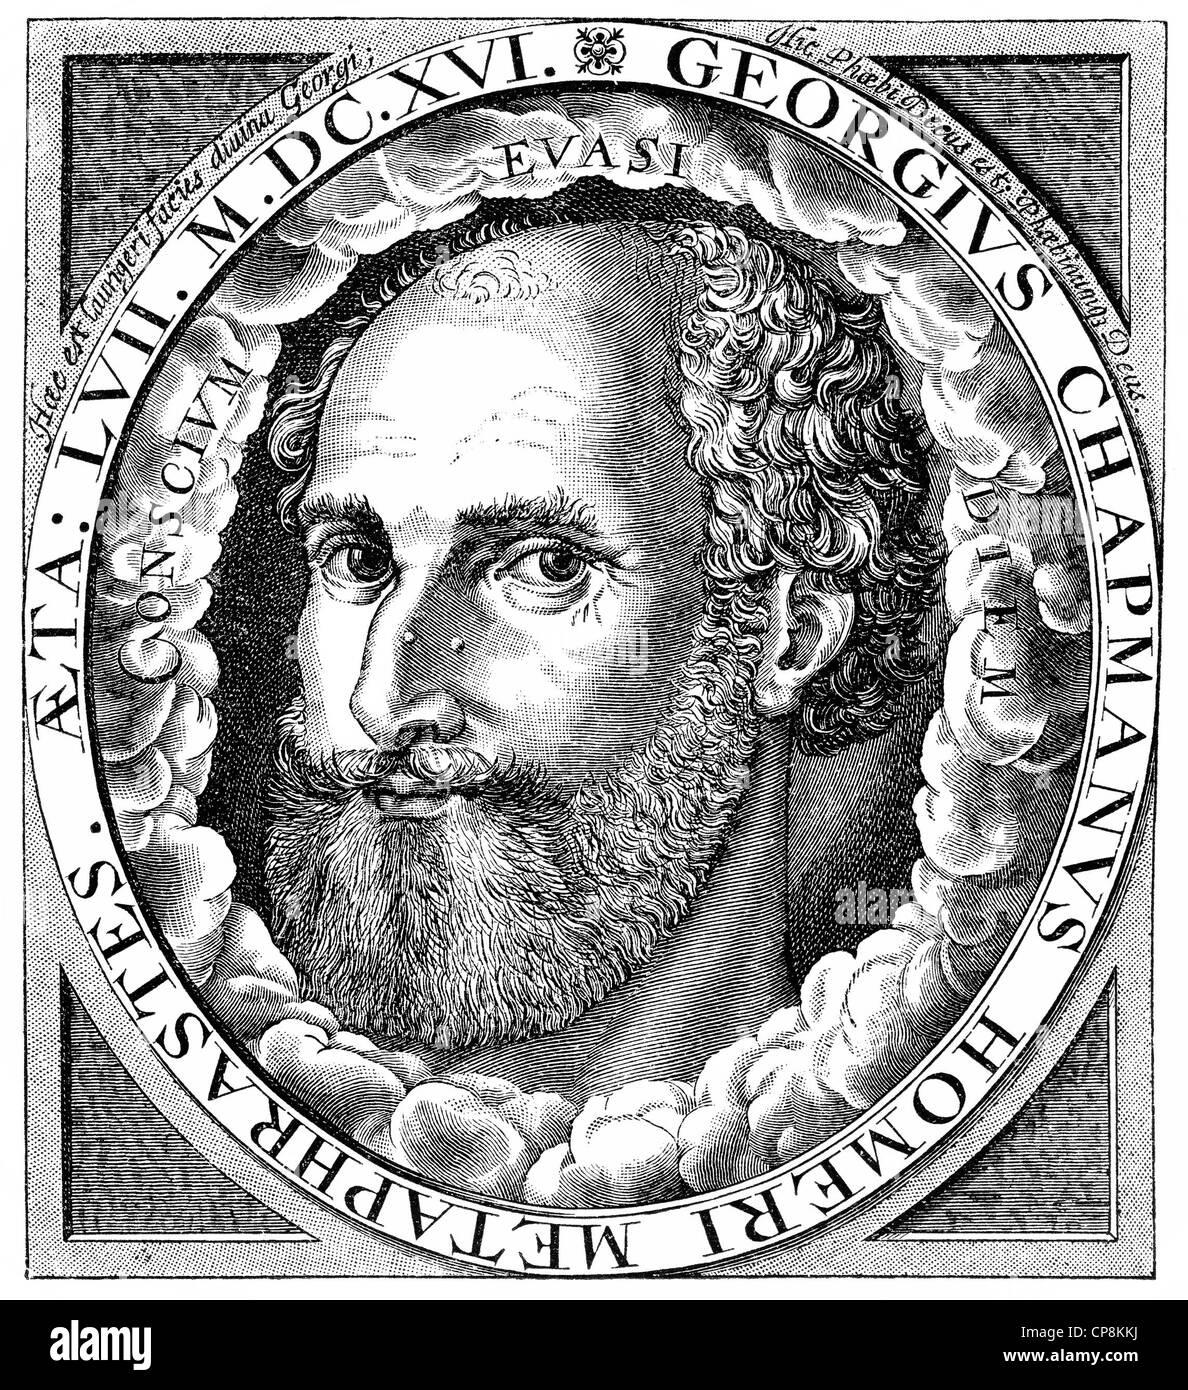 George Chapman, 1559 - 1634, an English playwright and poet, Historische Zeichnung aus dem 19. Jahrhundert, Portrait - Stock Image